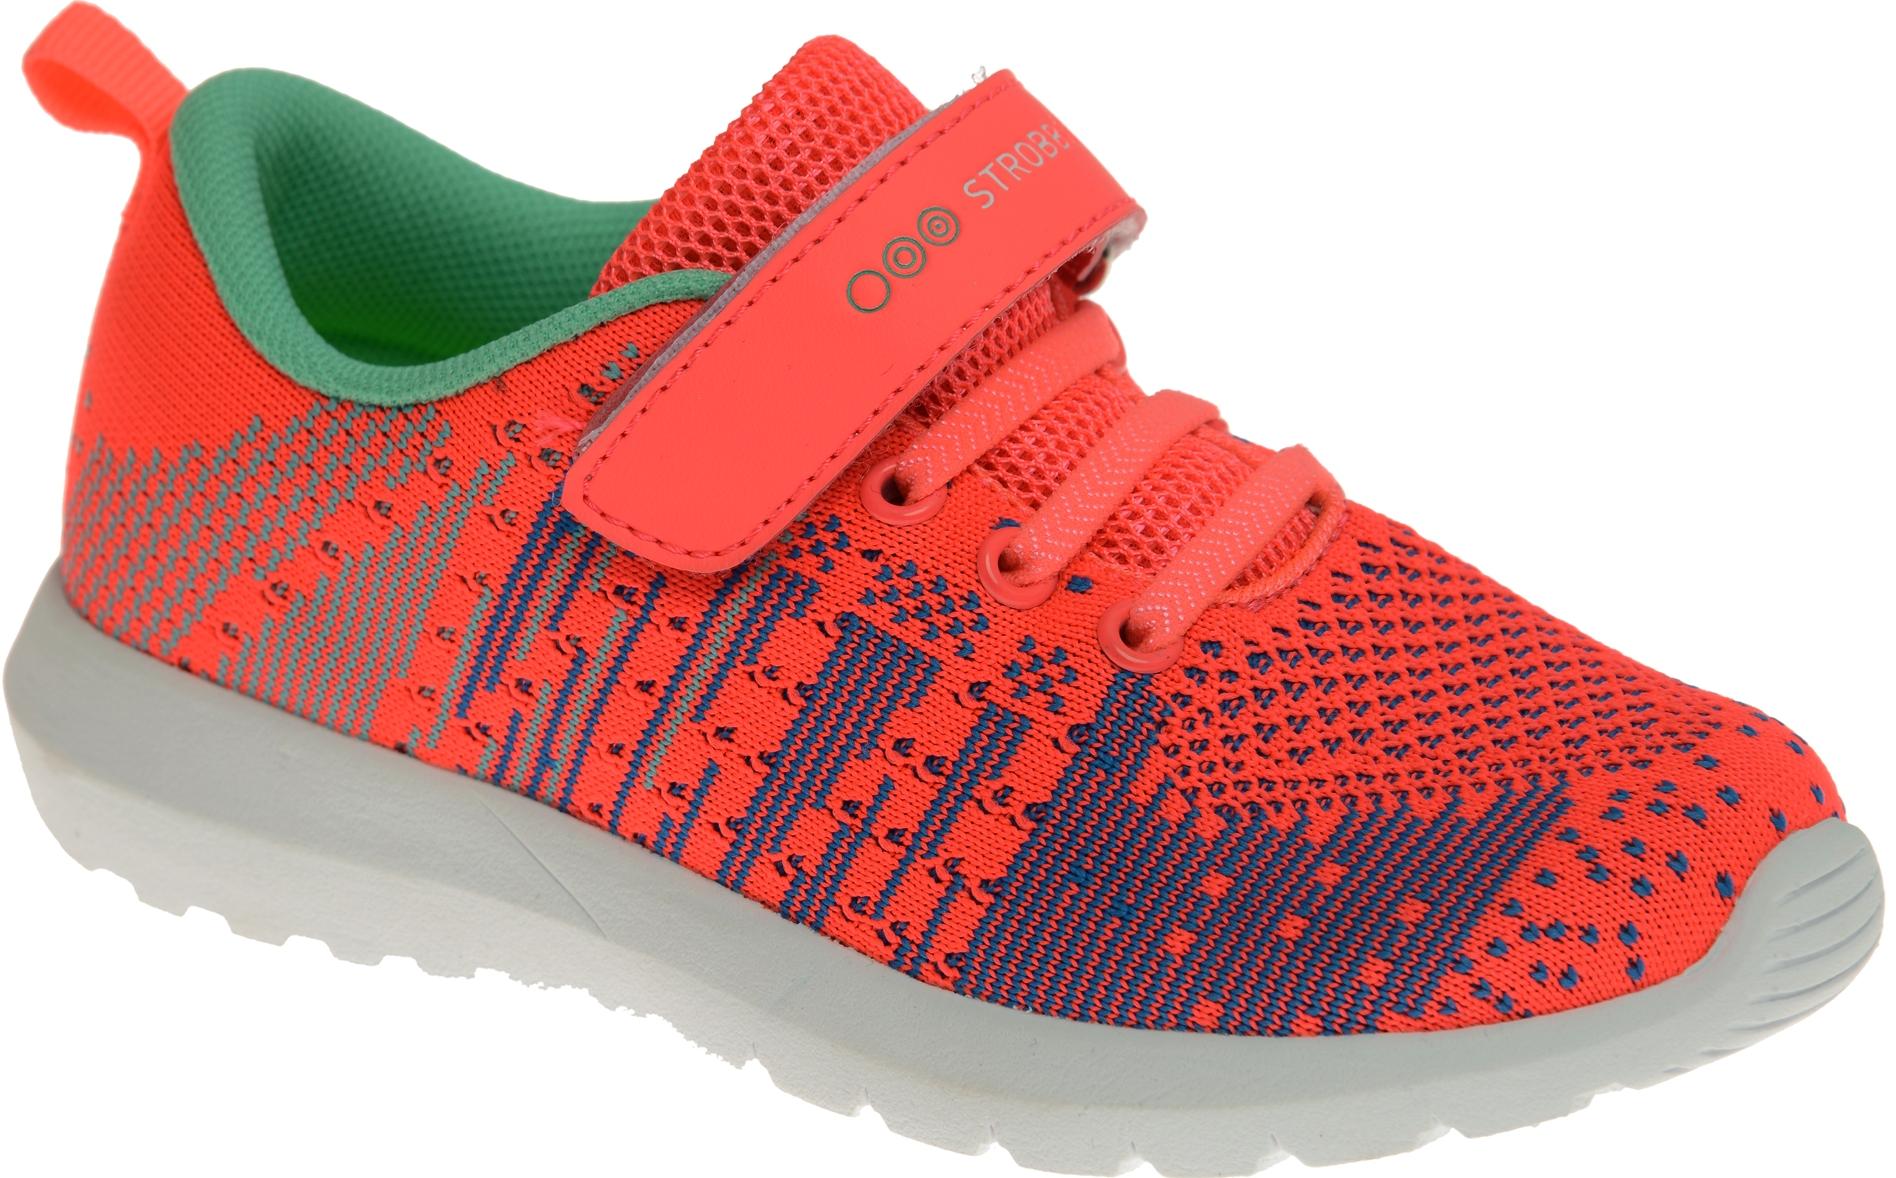 Кроссовки для девочки Strobbs, цвет: оранжевый. N1544-12. Размер 32N1544-12Стильные кроссовки для девочки Strobbs отлично подойдут для активного отдыха и повседневной носки. Верх модели выполнен из вязаного текстиля. Удобная шнуровка и хлястик на липучке надежно зафиксируют модель на стопе. Особая форма подошвы обеспечит удобство при ходьбе и отличную амортизацию.